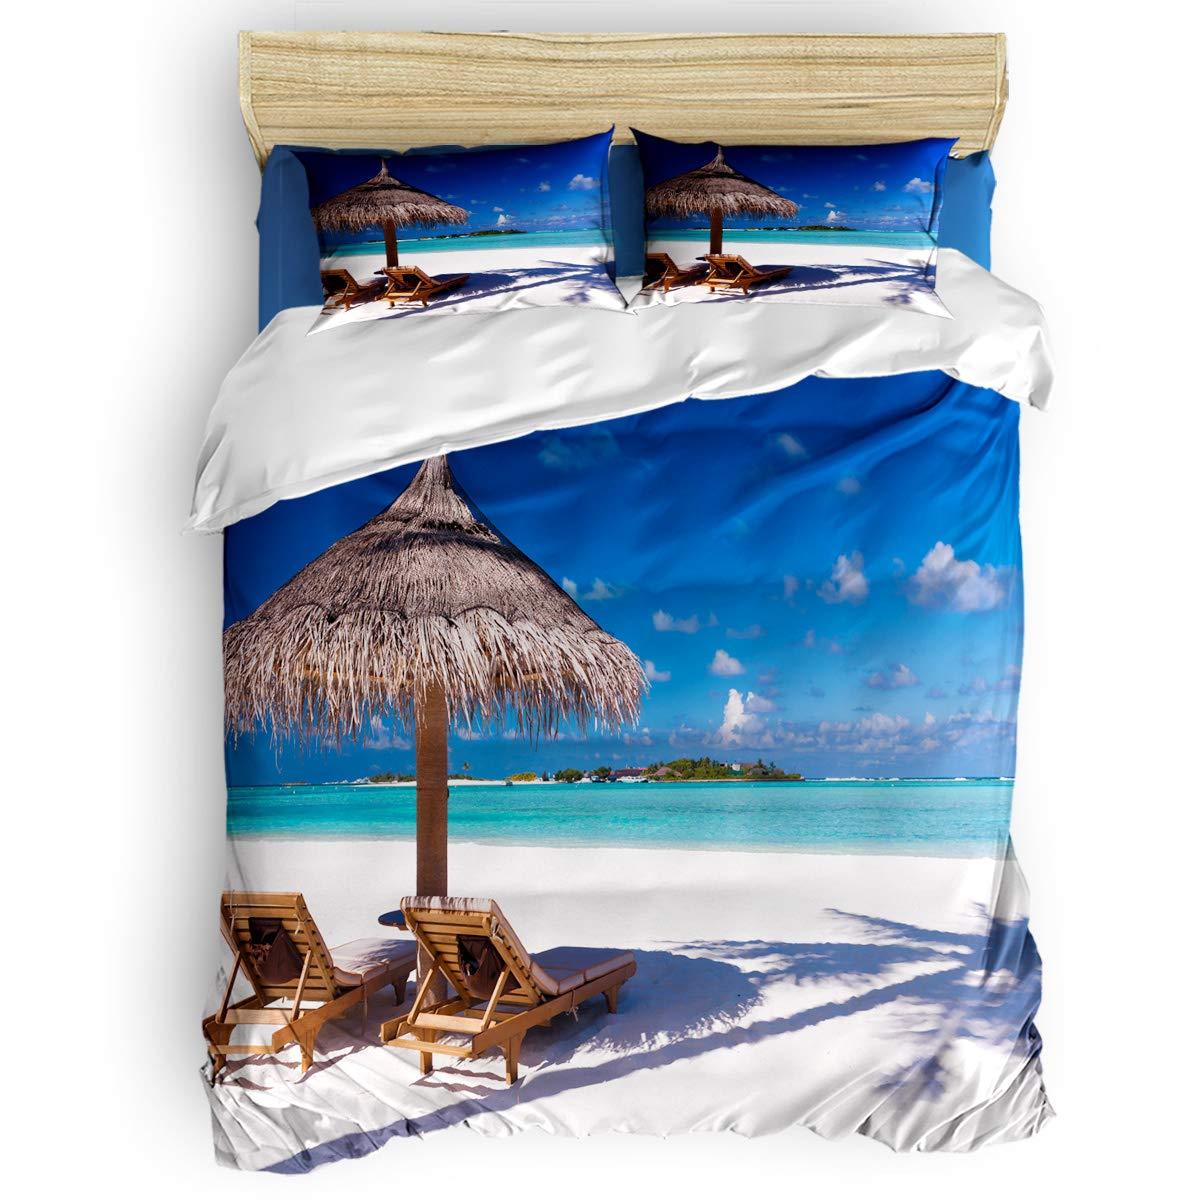 掛け布団カバー 4点セット 海景 夕暮れ ココナッツの木 ビーチ 寝具カバーセット ベッド用 べッドシーツ 枕カバー 洋式 和式兼用 布団カバー 肌に優しい 羽毛布団セット 100%ポリエステル クイーン B07TGD3GRL White BeachLAS4946 クイーン